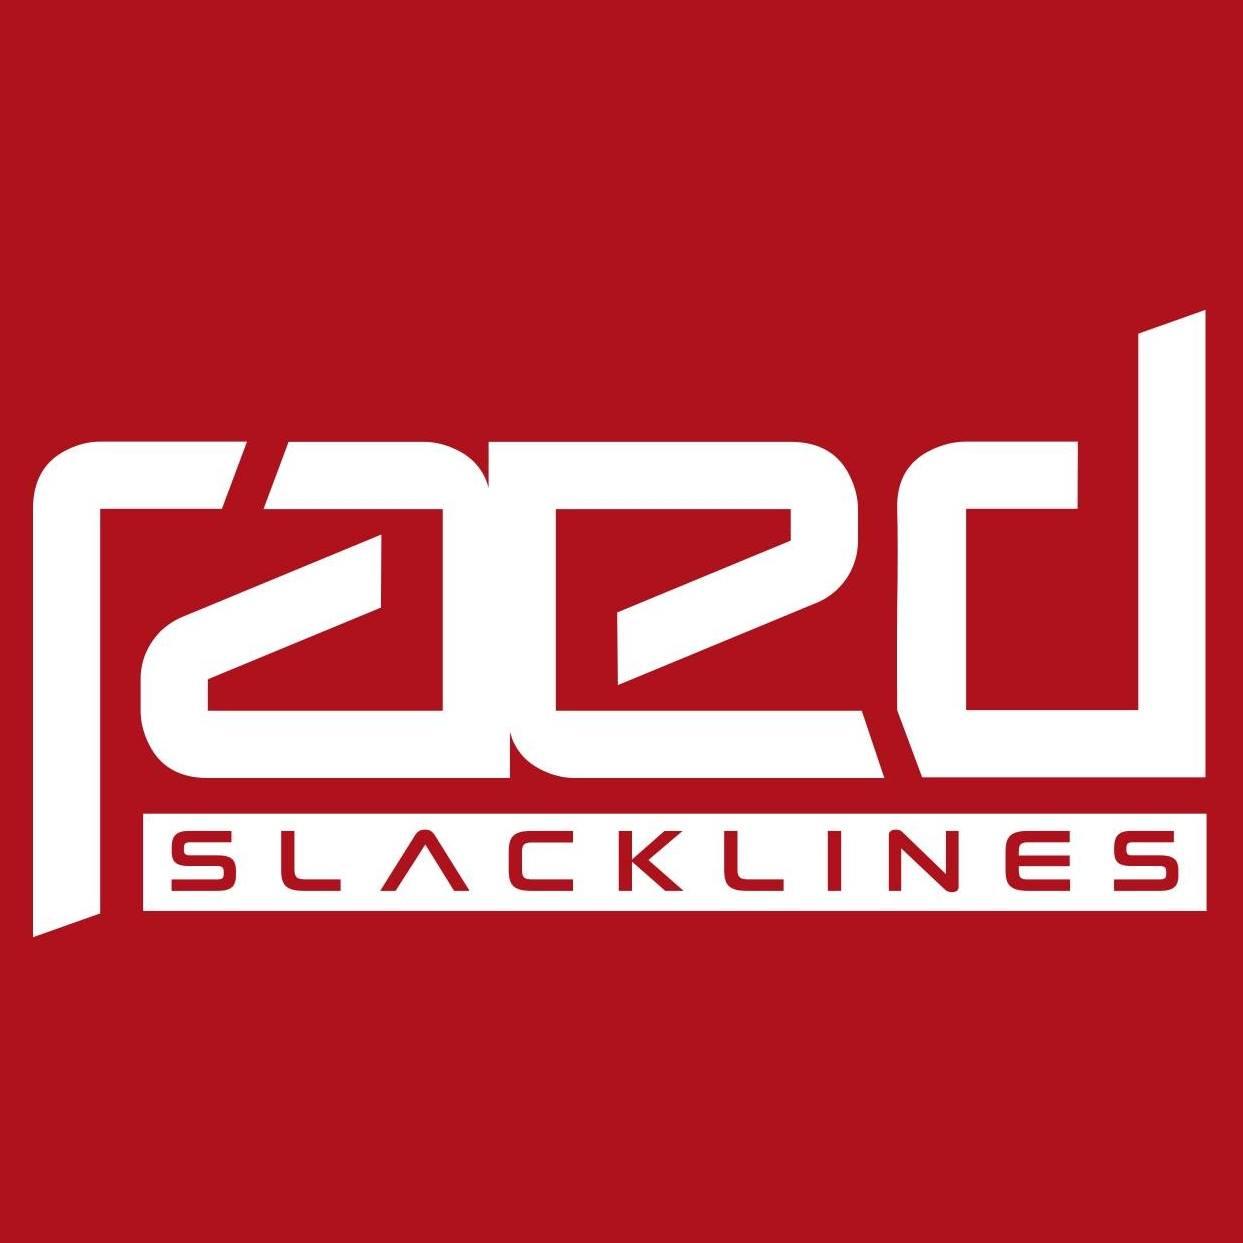 Logo raed slacklines